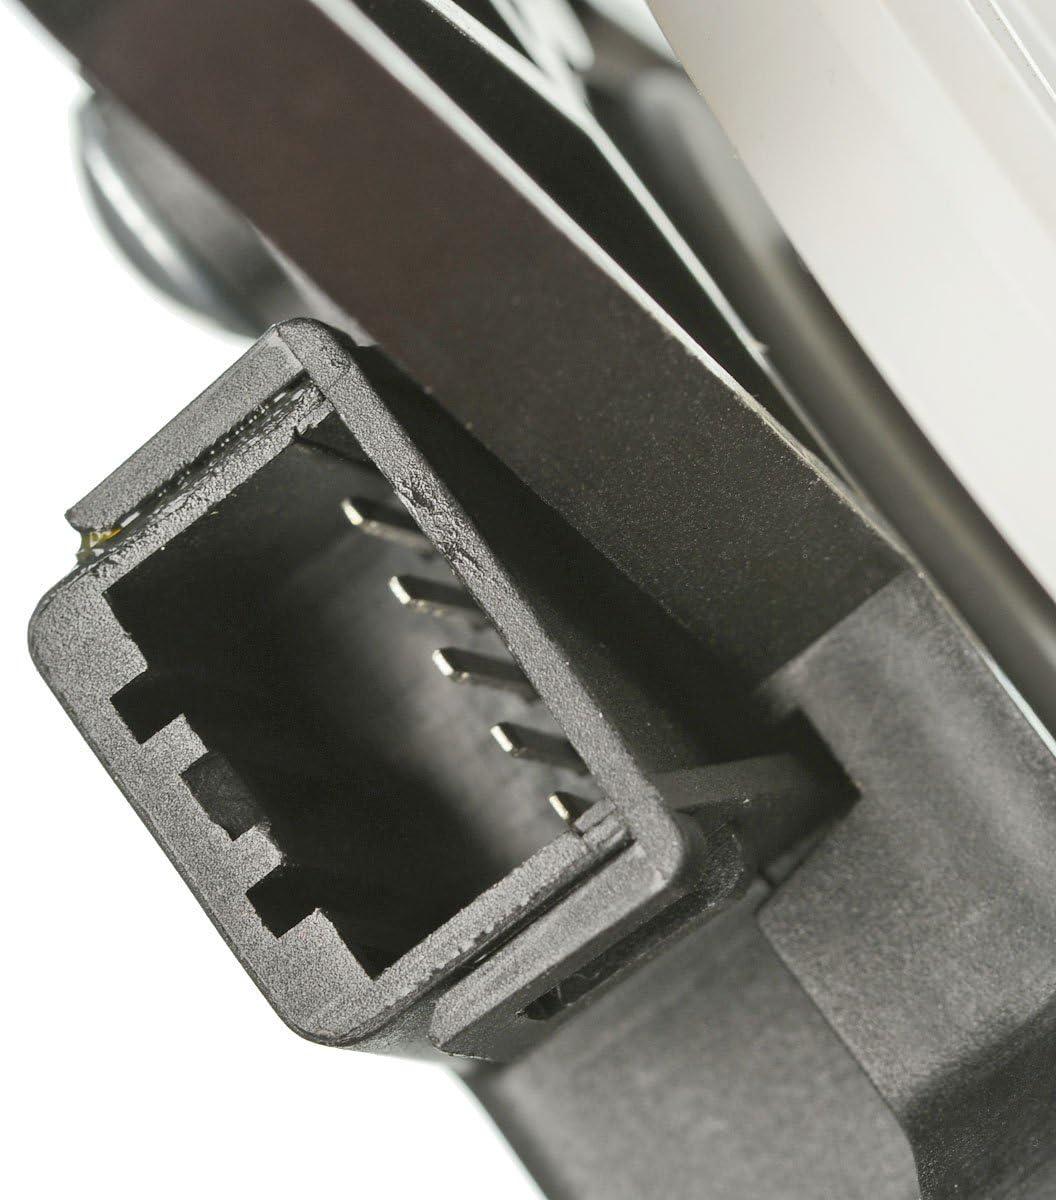 HVAC Air Door Actuator Heater Blend Door Levers for Hyundai Santa Fe 2006-2012 Azera 2006-2010 Sonata 2005-2010